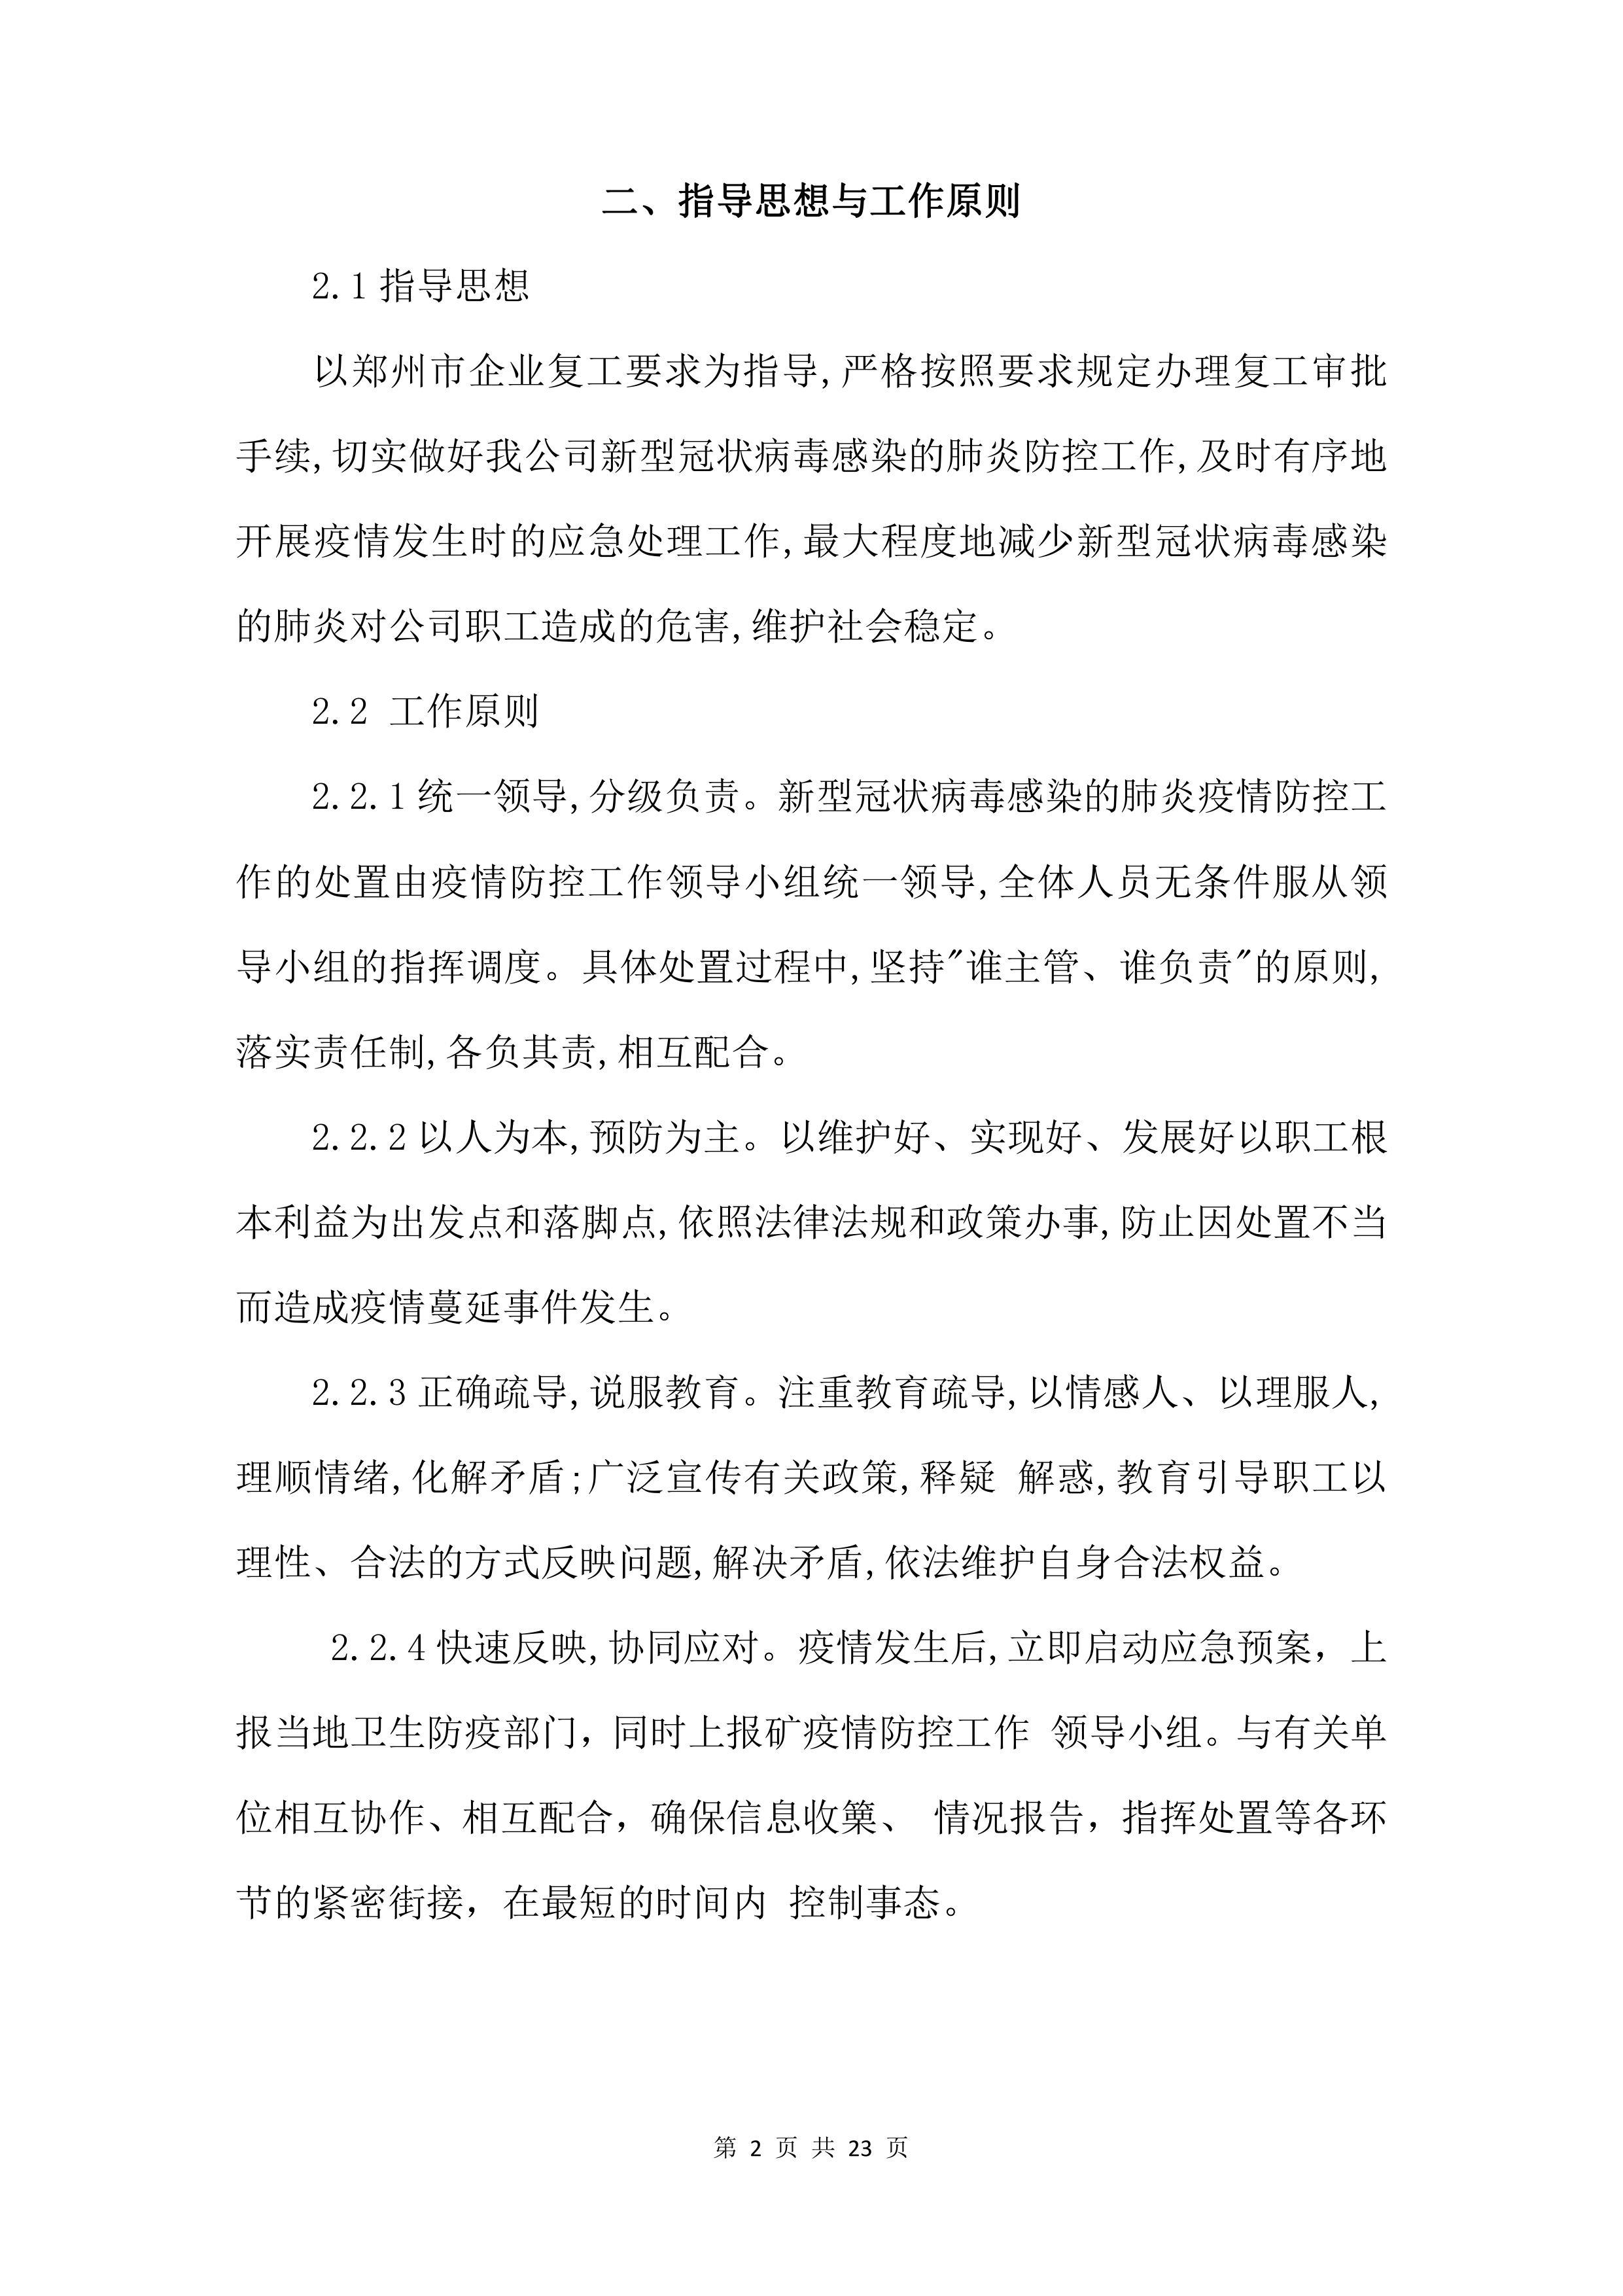 第5頁.jpg